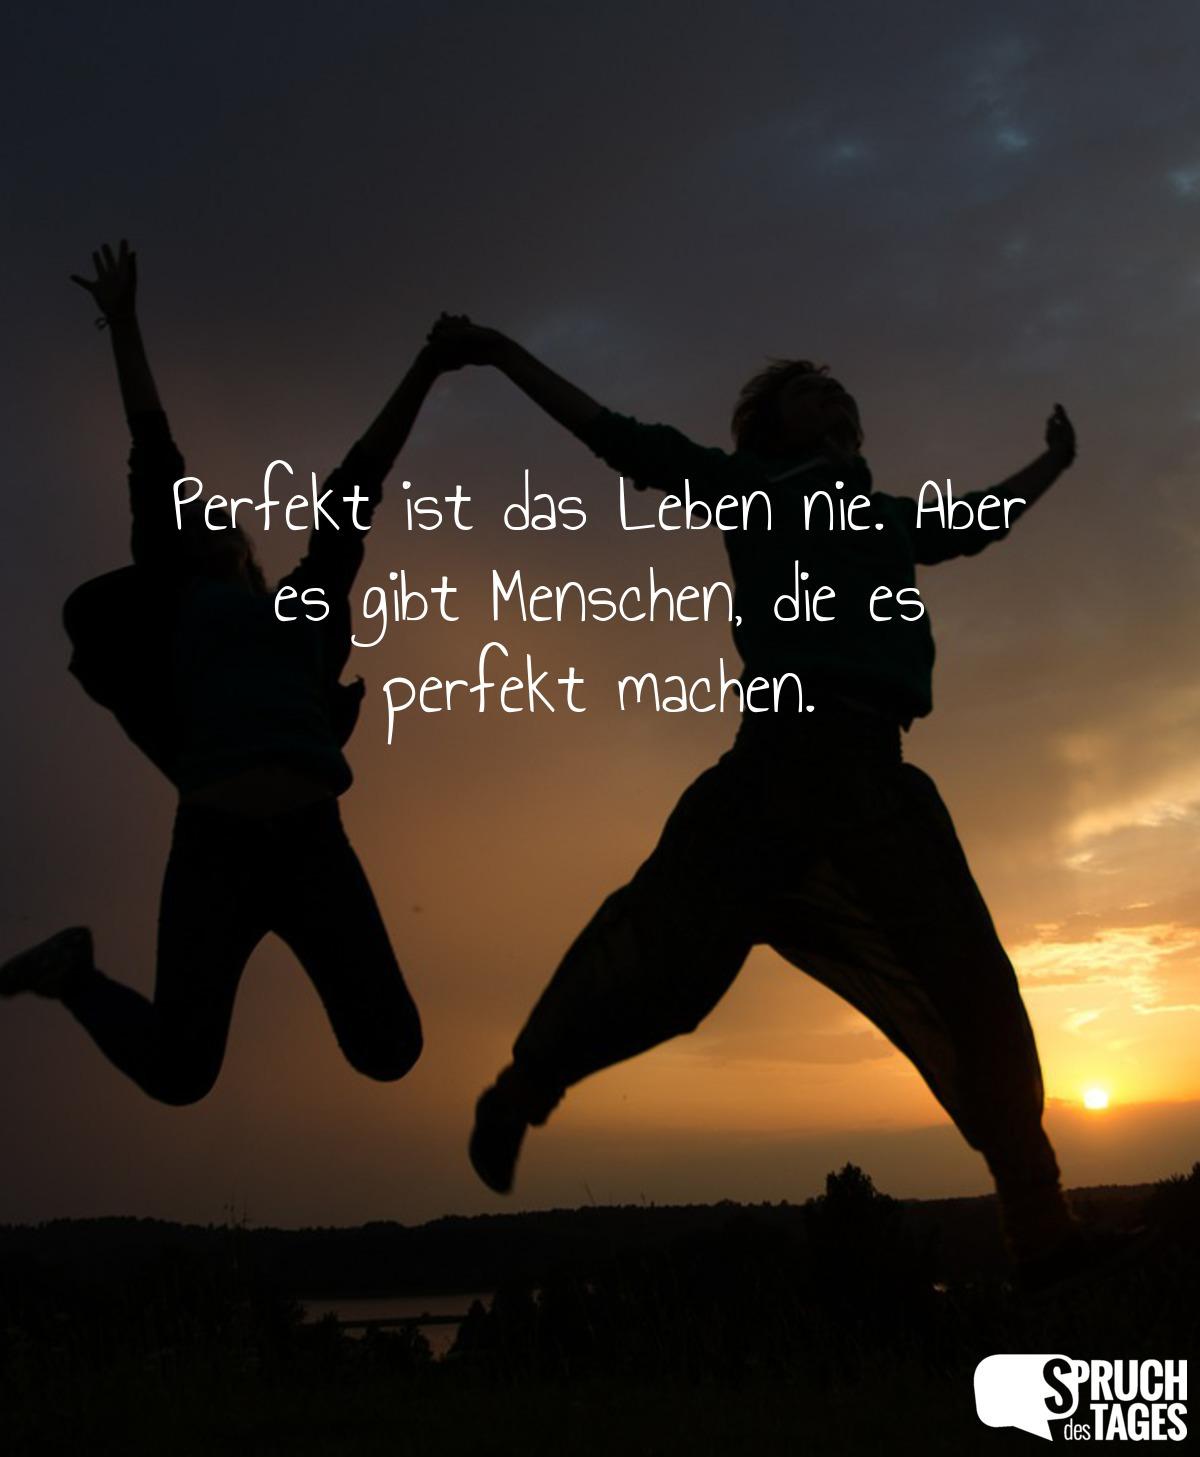 perfektes leben sprüche Perfekt ist das Leben nie. Aber es gibt Menschen, die es perfekt  perfektes leben sprüche